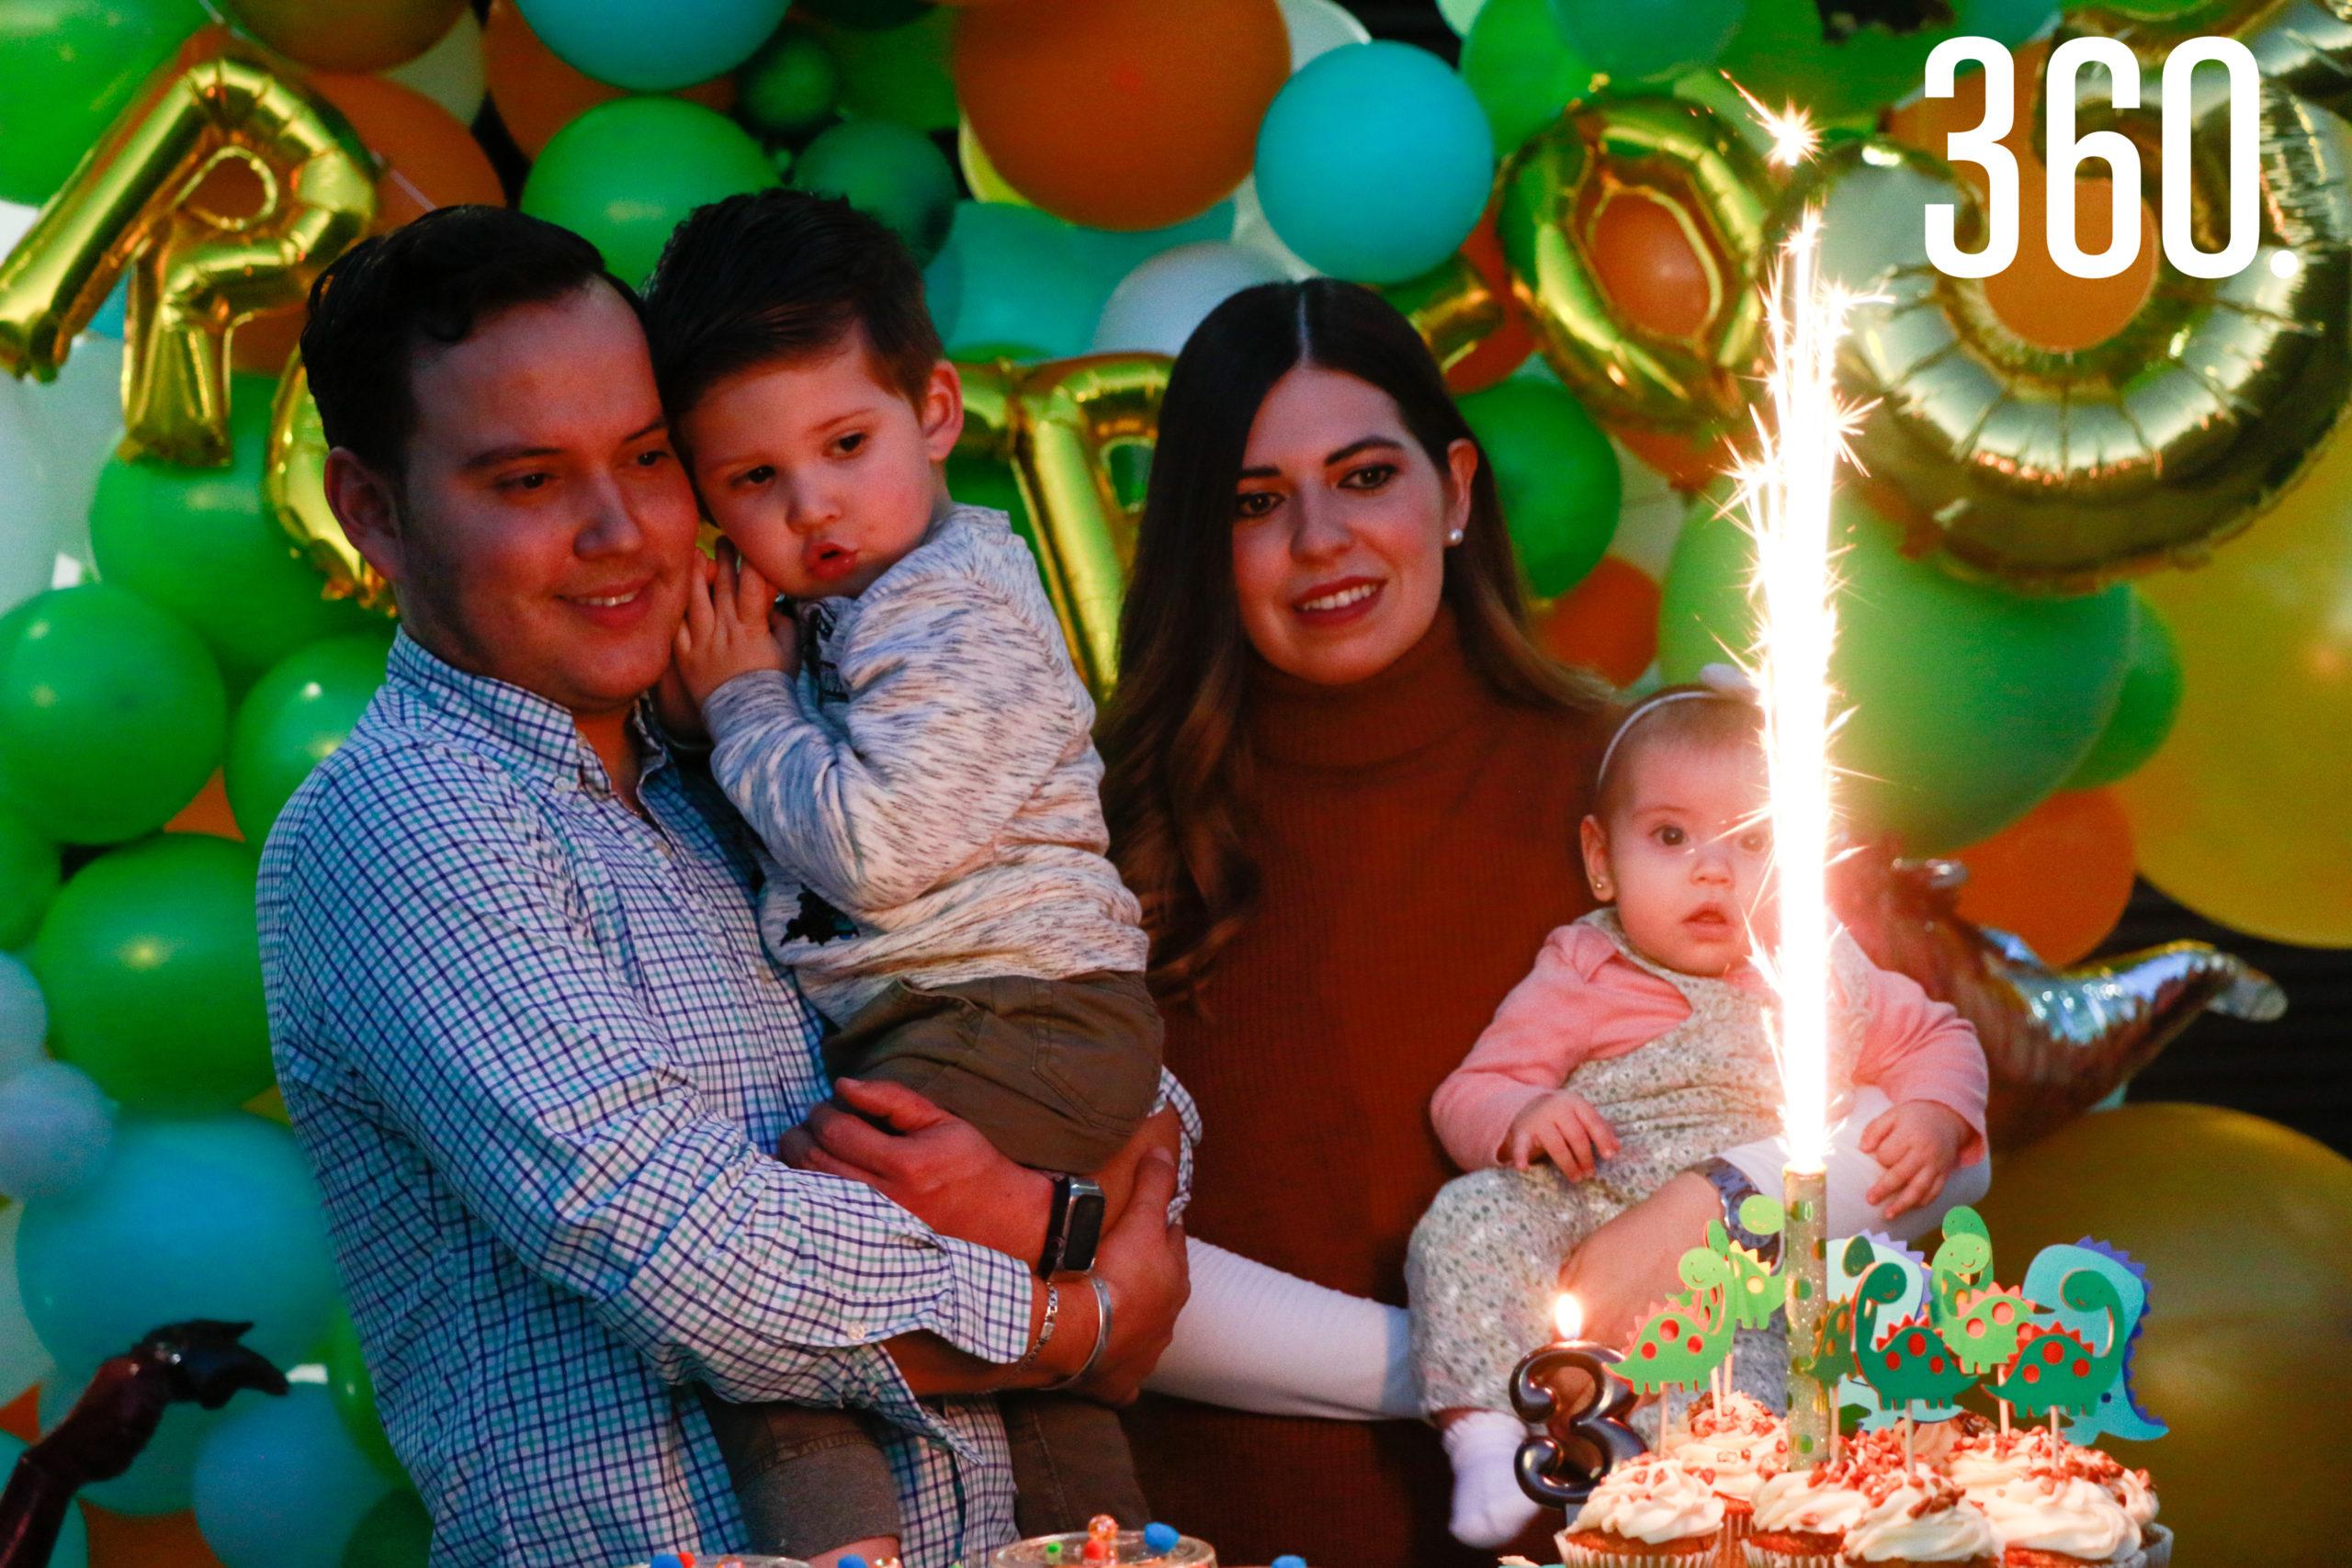 Roberto con sus padres y hermana, Roberto Rendón, Ana Lucía Peart y Ana María Rendón.